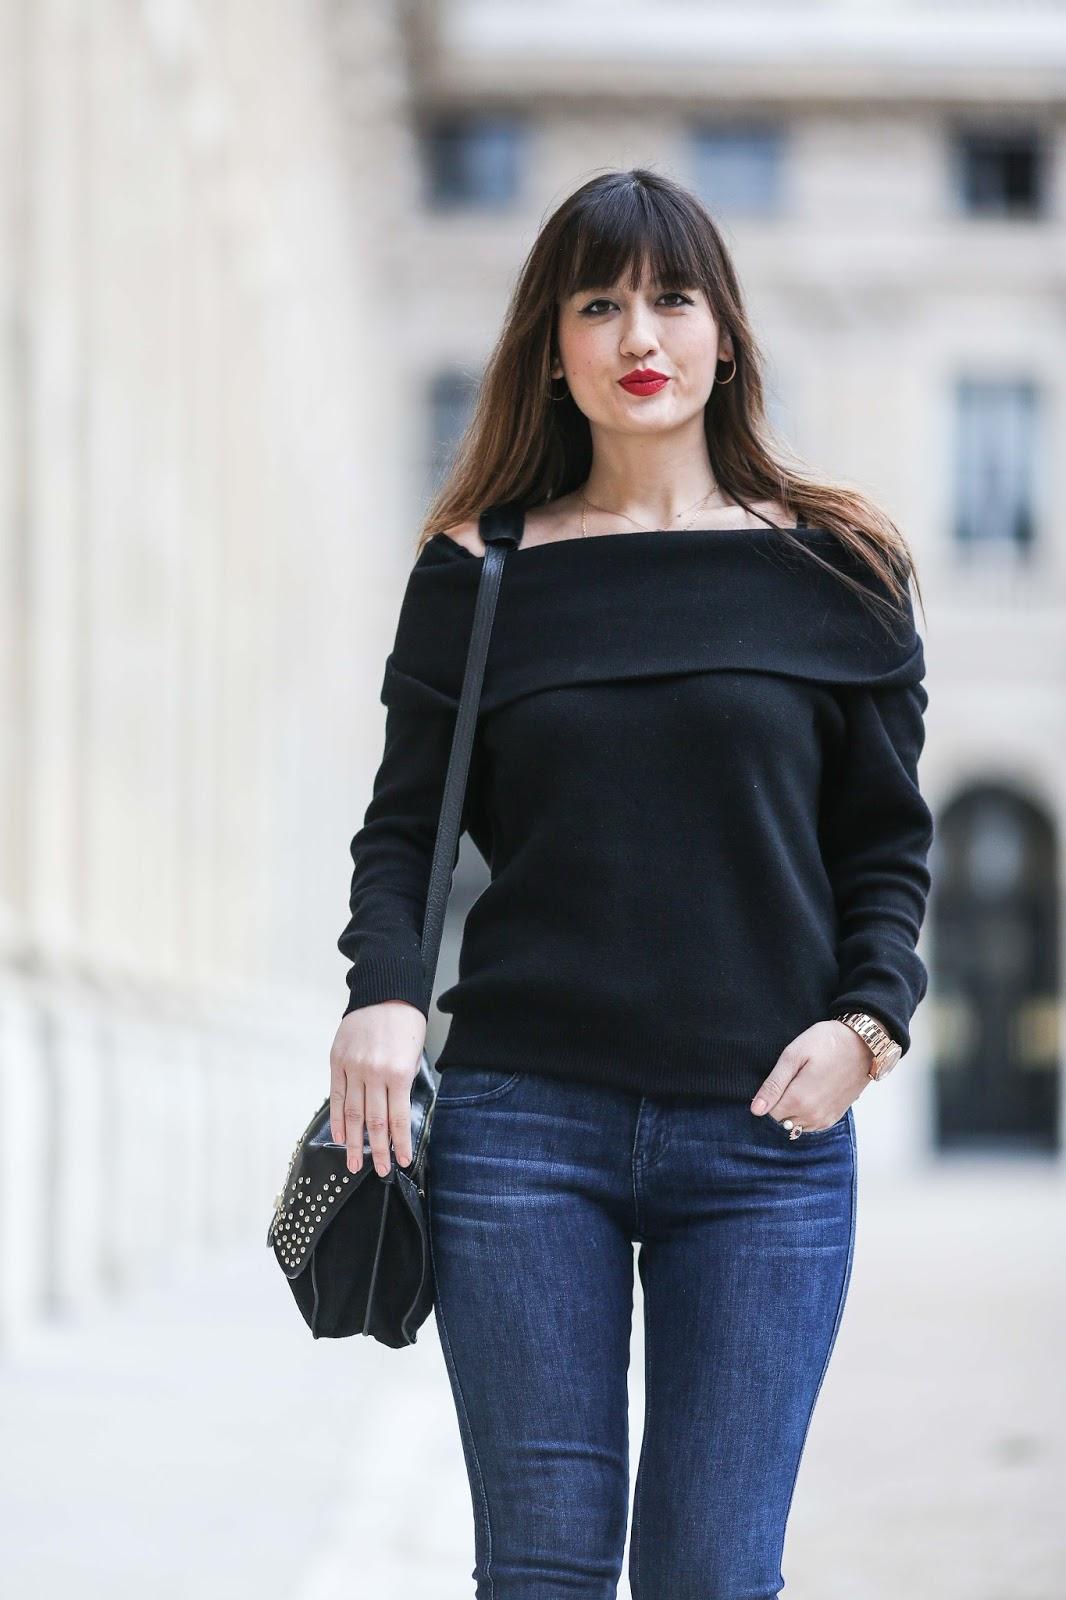 与我见面,博客,时尚,外观,街头风格,巴黎风格